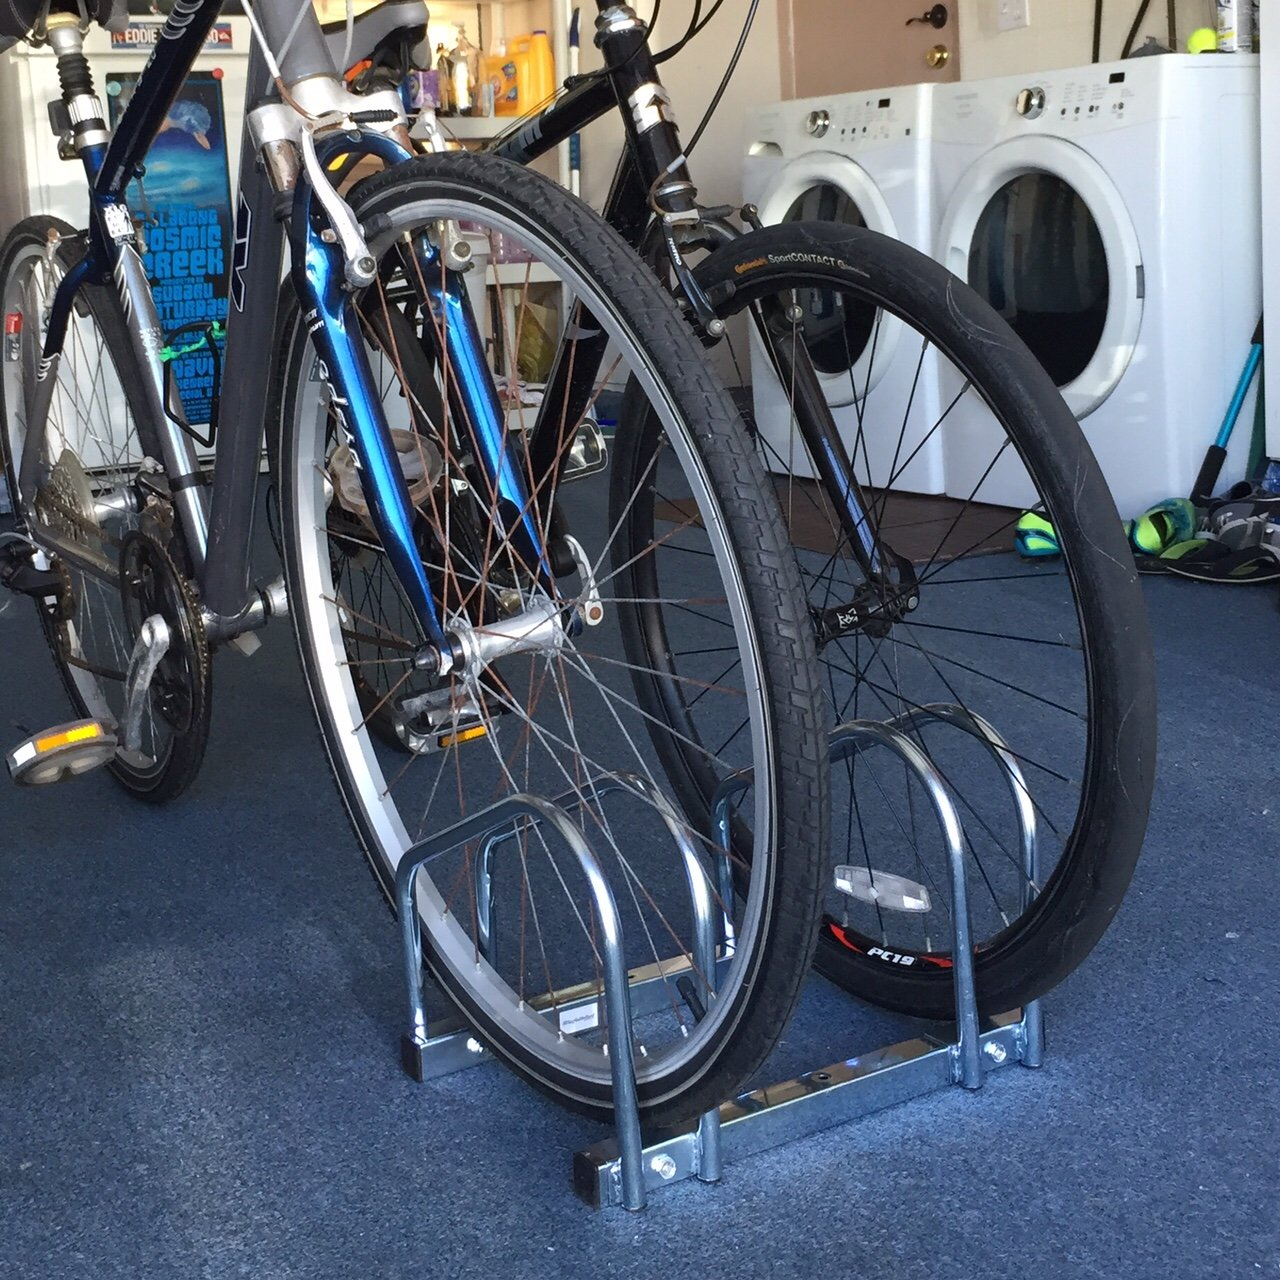 EasyGoProducts EGP-BIK-002 EasyGo Floor Stationary Double Wheel Rack None Outdoor Bike Stand Indoor